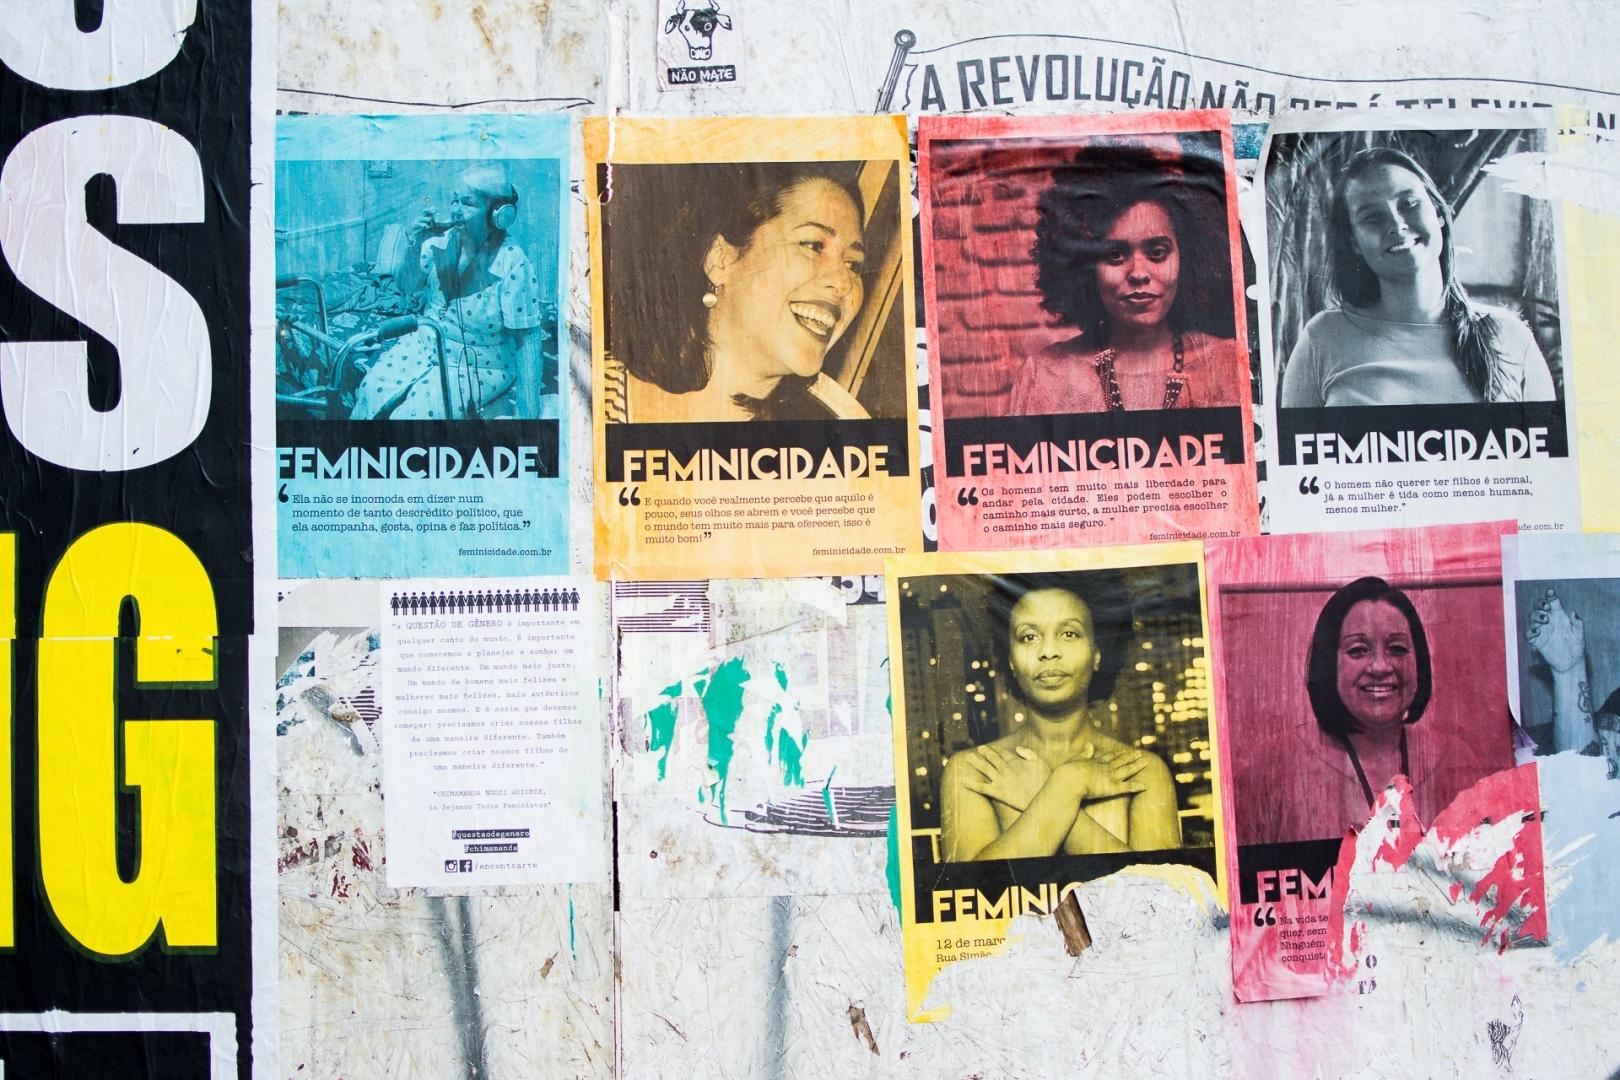 Paisagem Urbana/Feminicidade